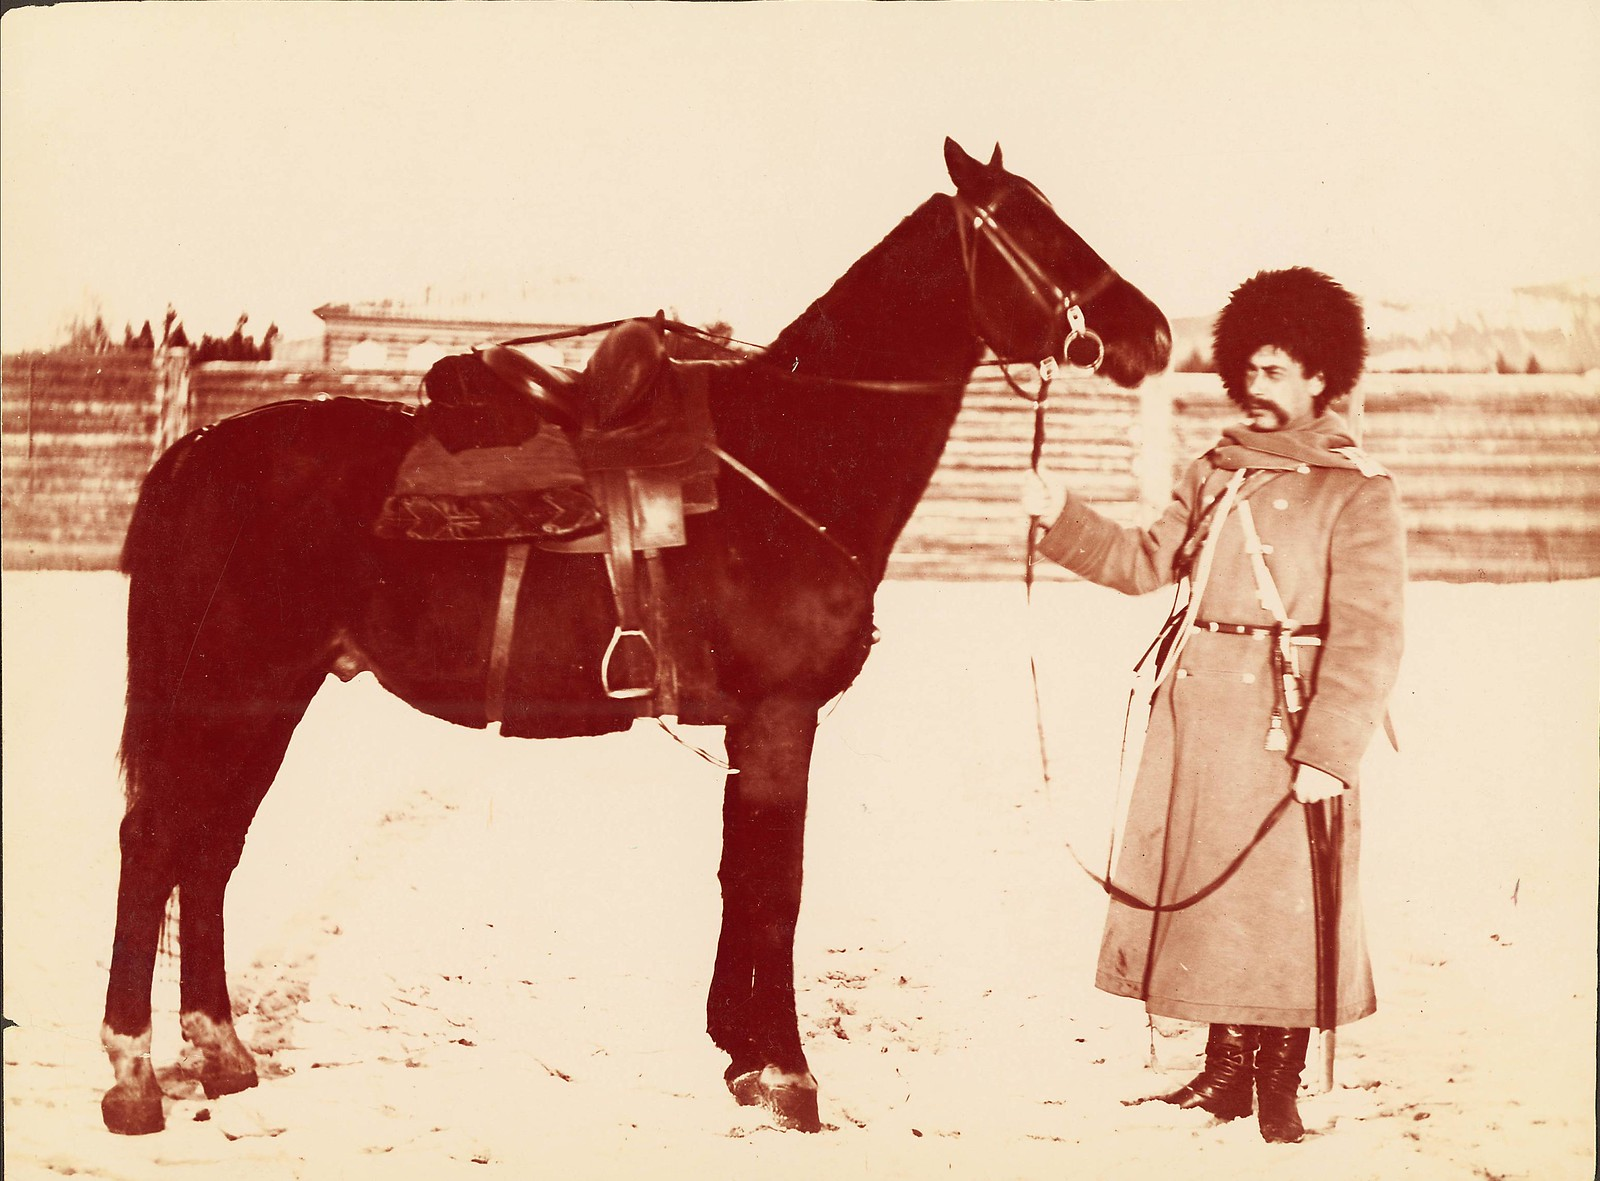 1895. Уильям Генри Джексон путешествует по Транссибу. Забайкальская область